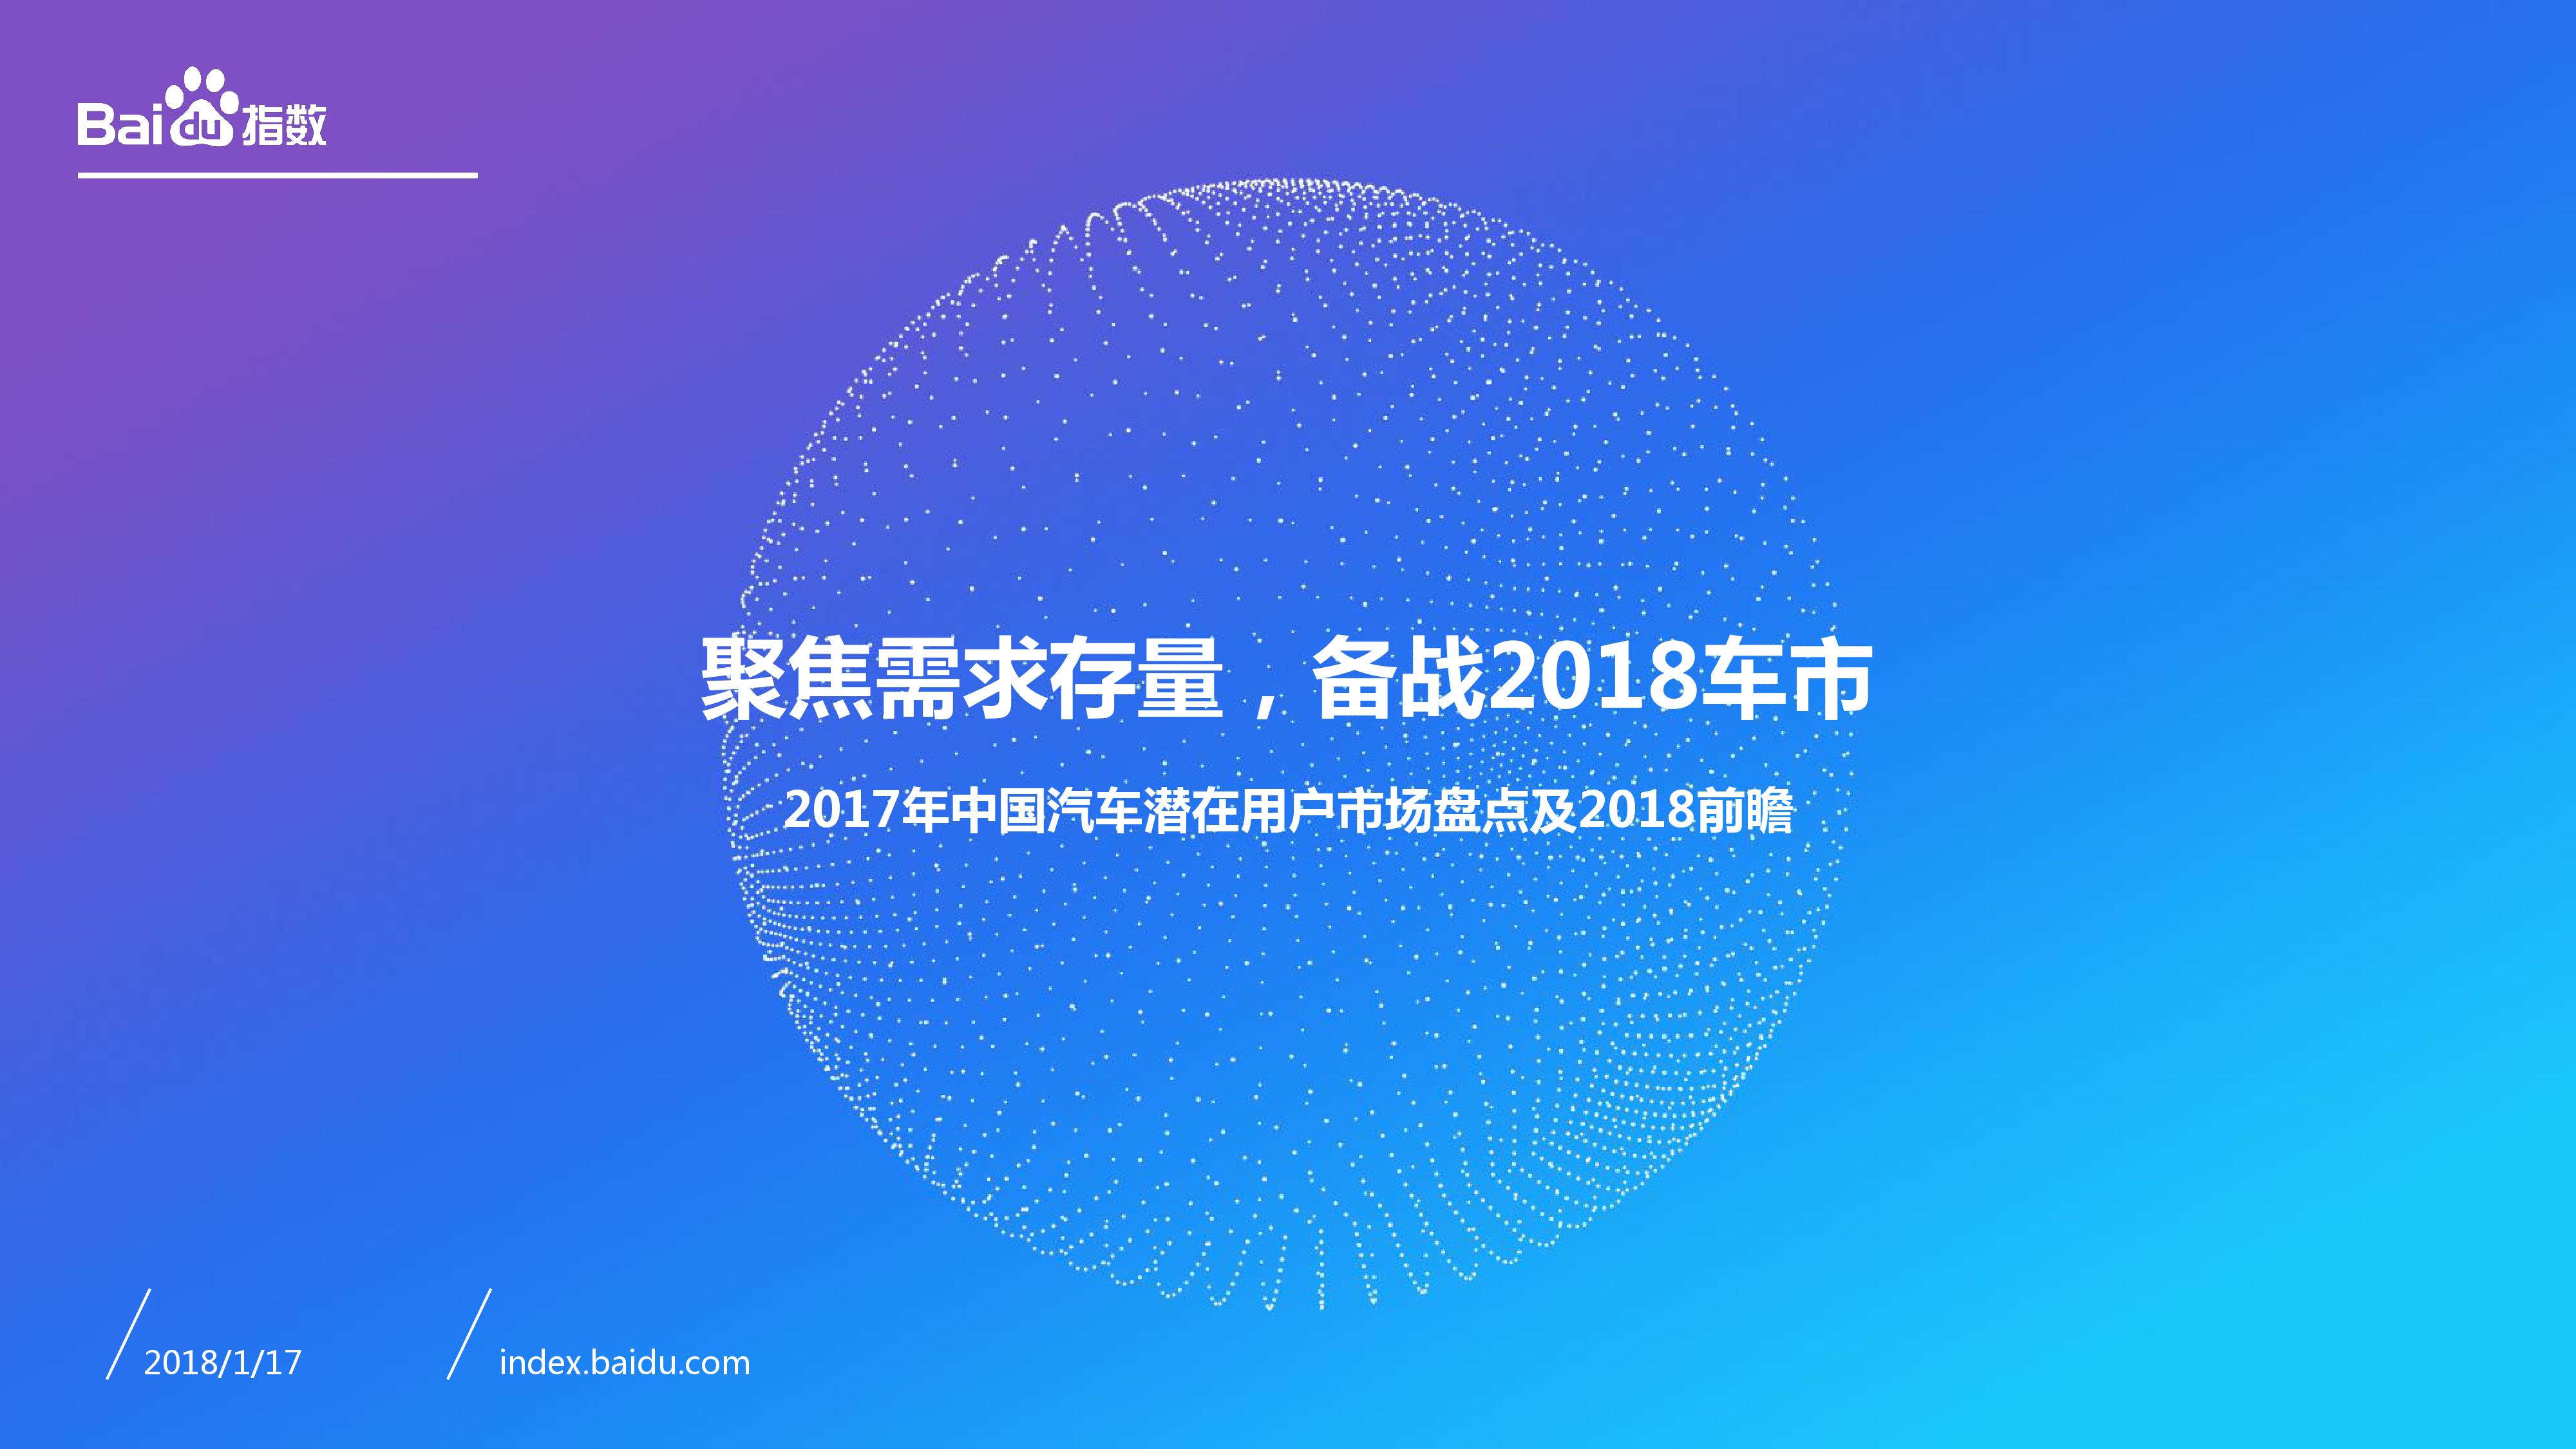 百度指数:2017年中国汽车潜在用户市场盘点及2018前瞻(附下载)